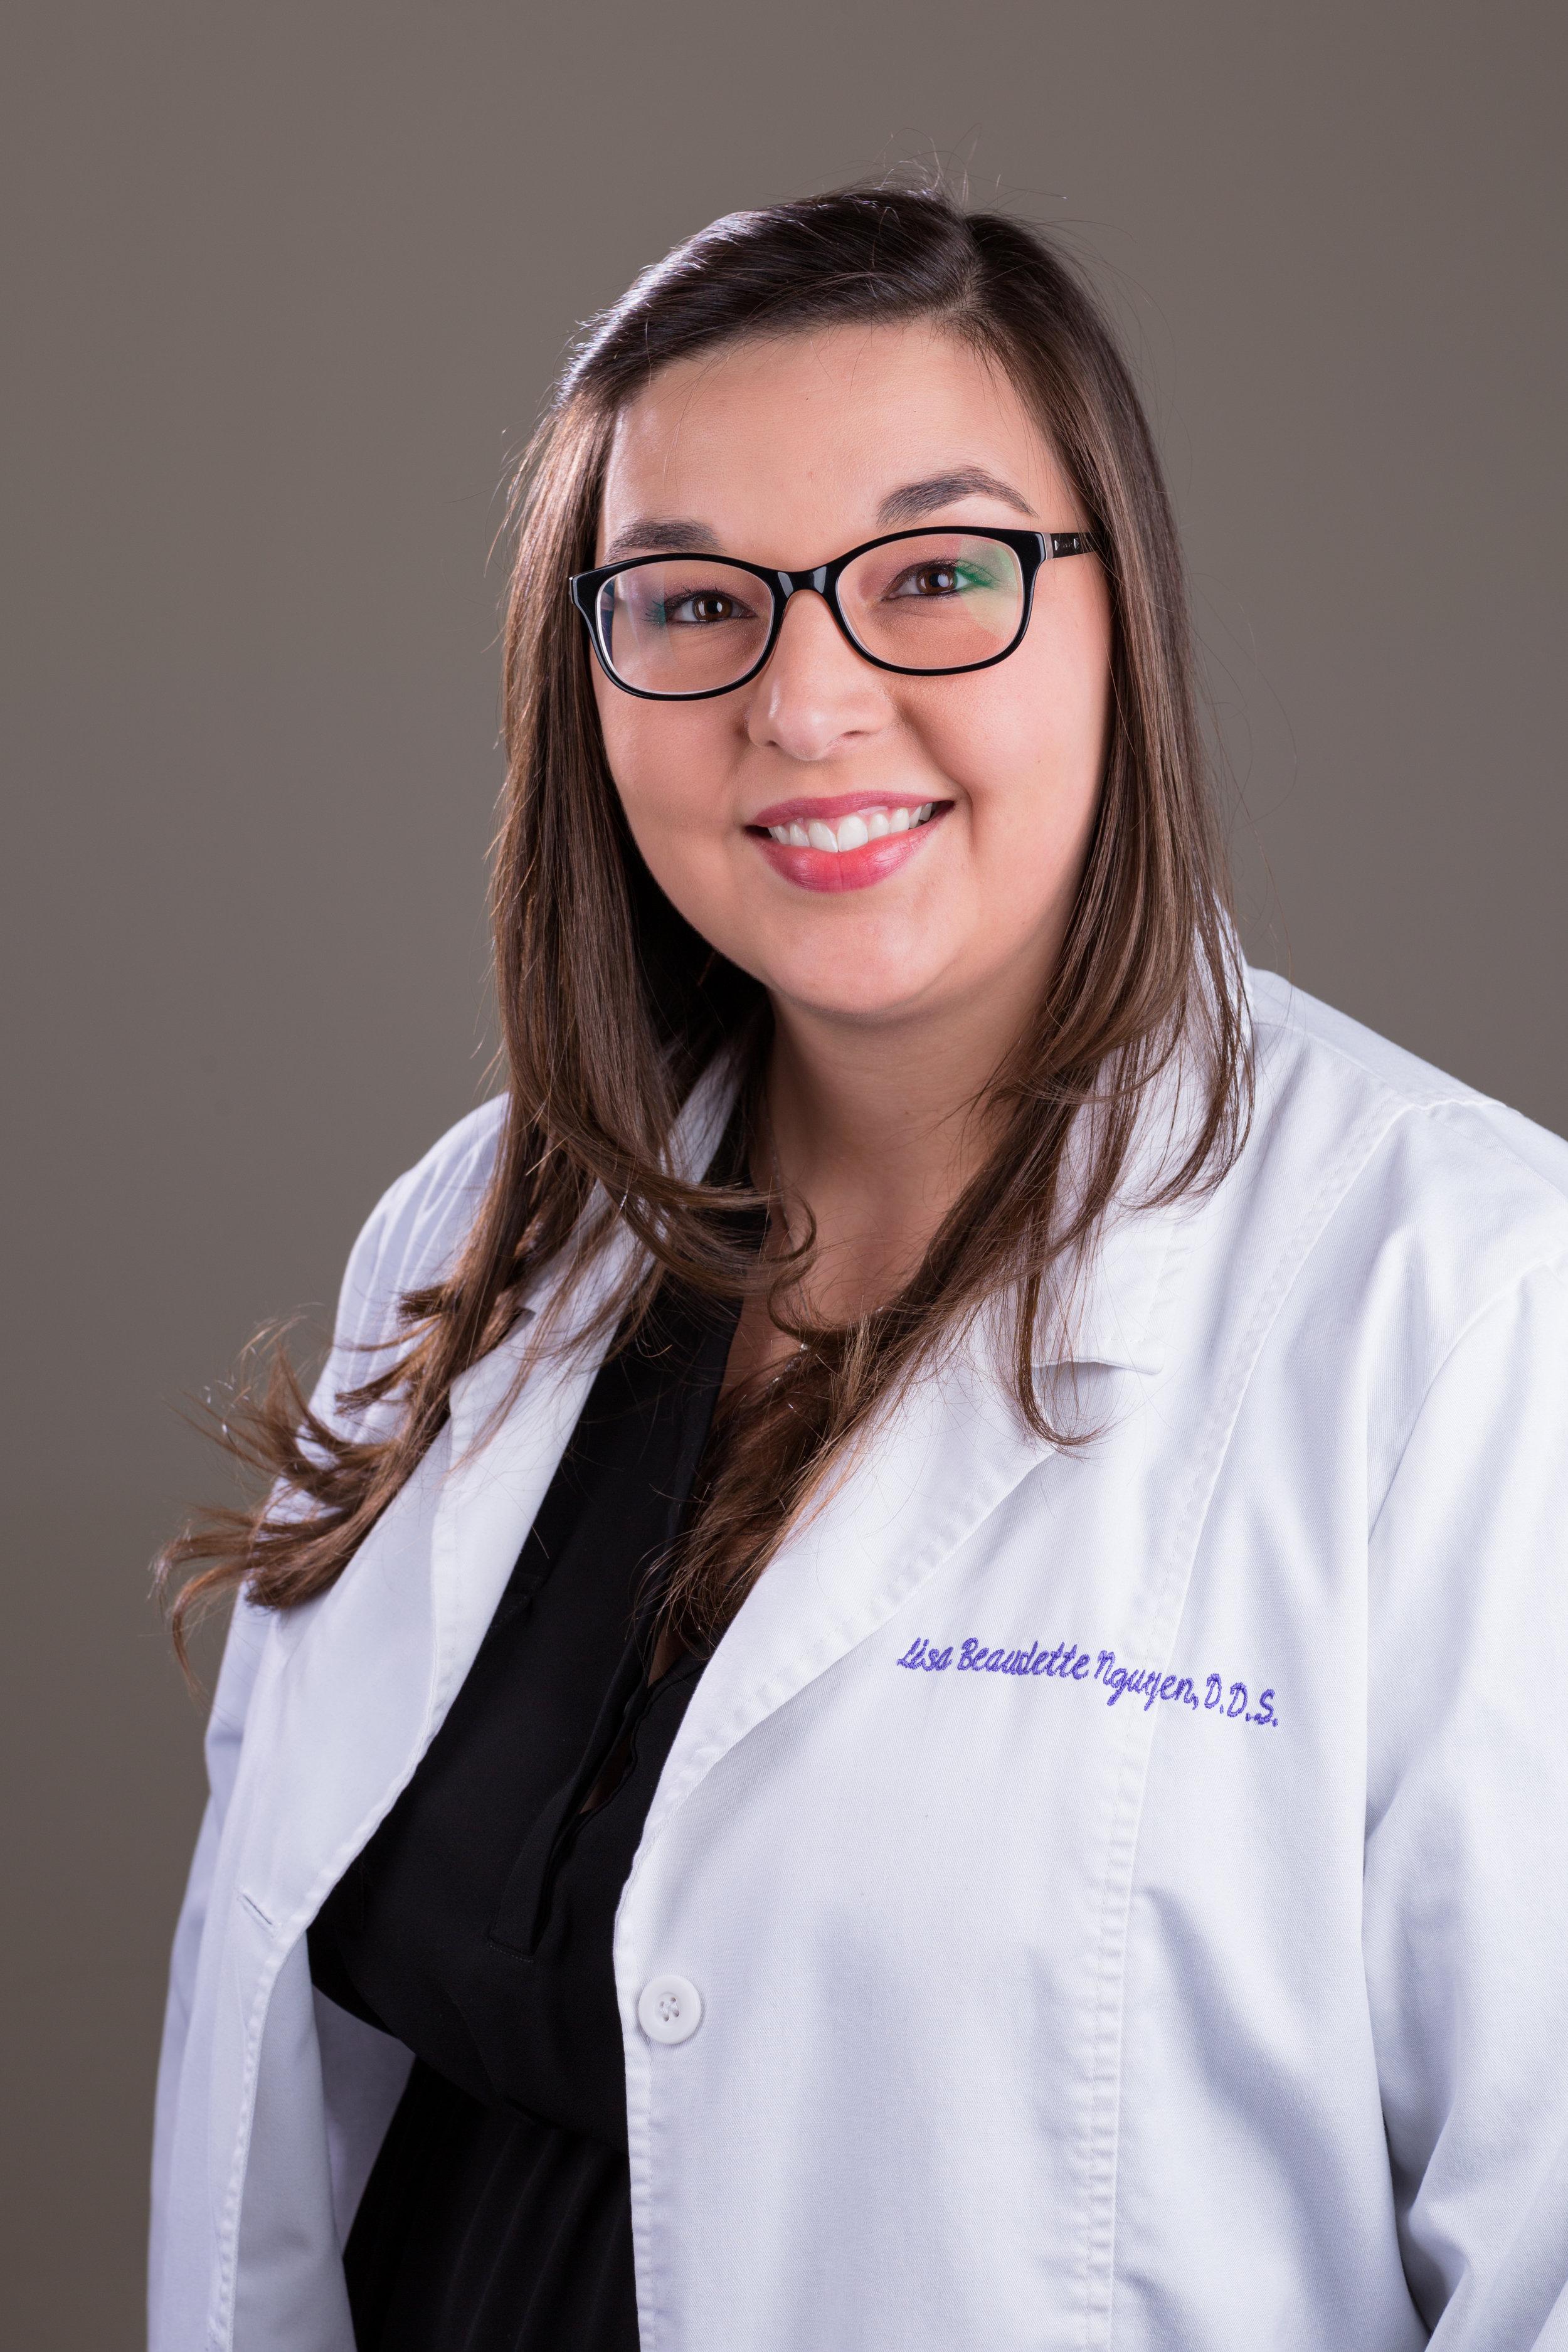 Dr. Lisa Beaudette Nguyen DDS.  Chief Dental Officer